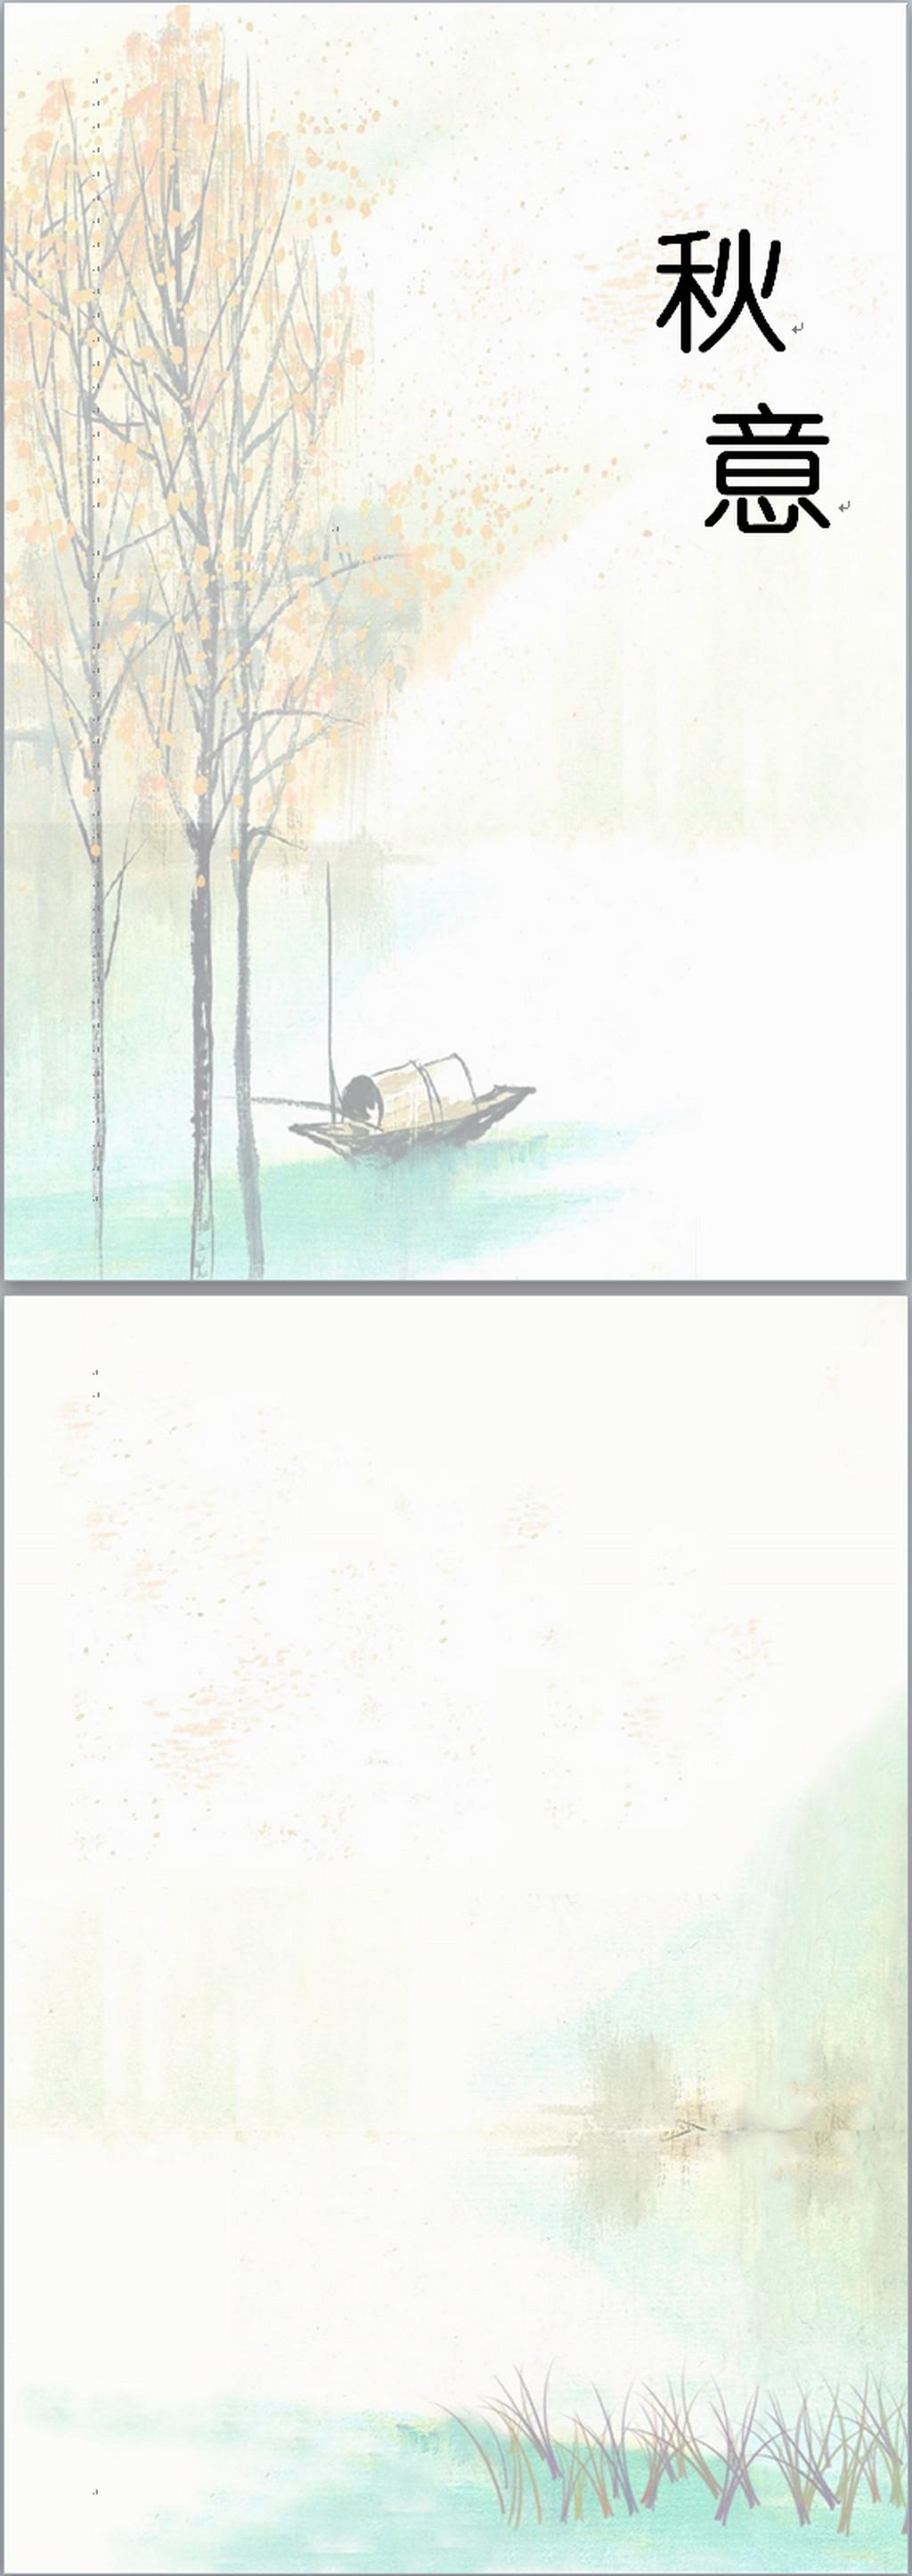 秋意枫叶树信纸word模板下载 秋意枫叶树信纸word图片下载 可爱卡通信